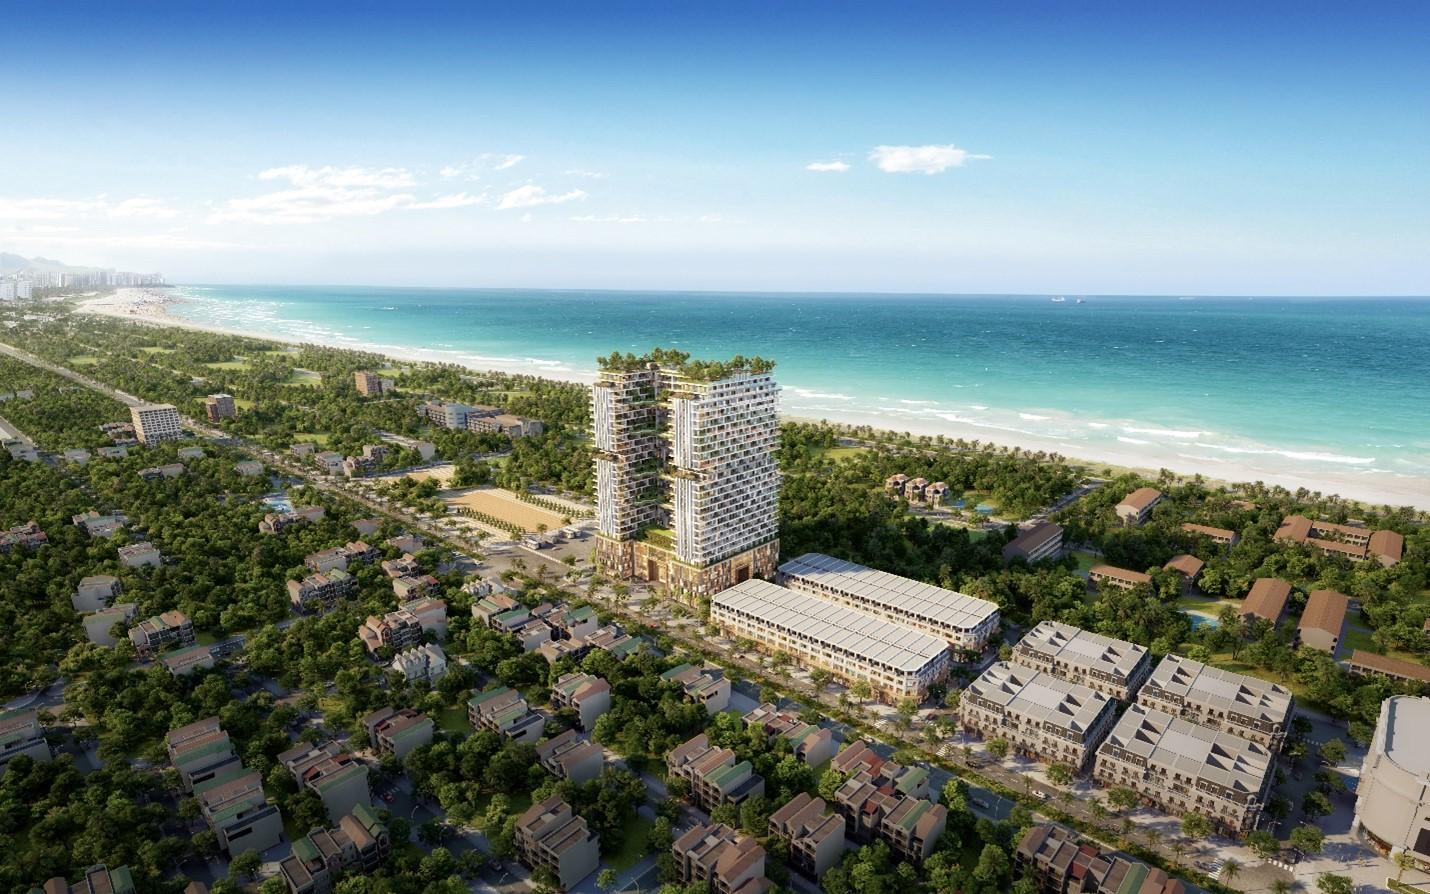 hai toà nhà cao tầng và nhiều công trình thấp tầng nằm ven biển